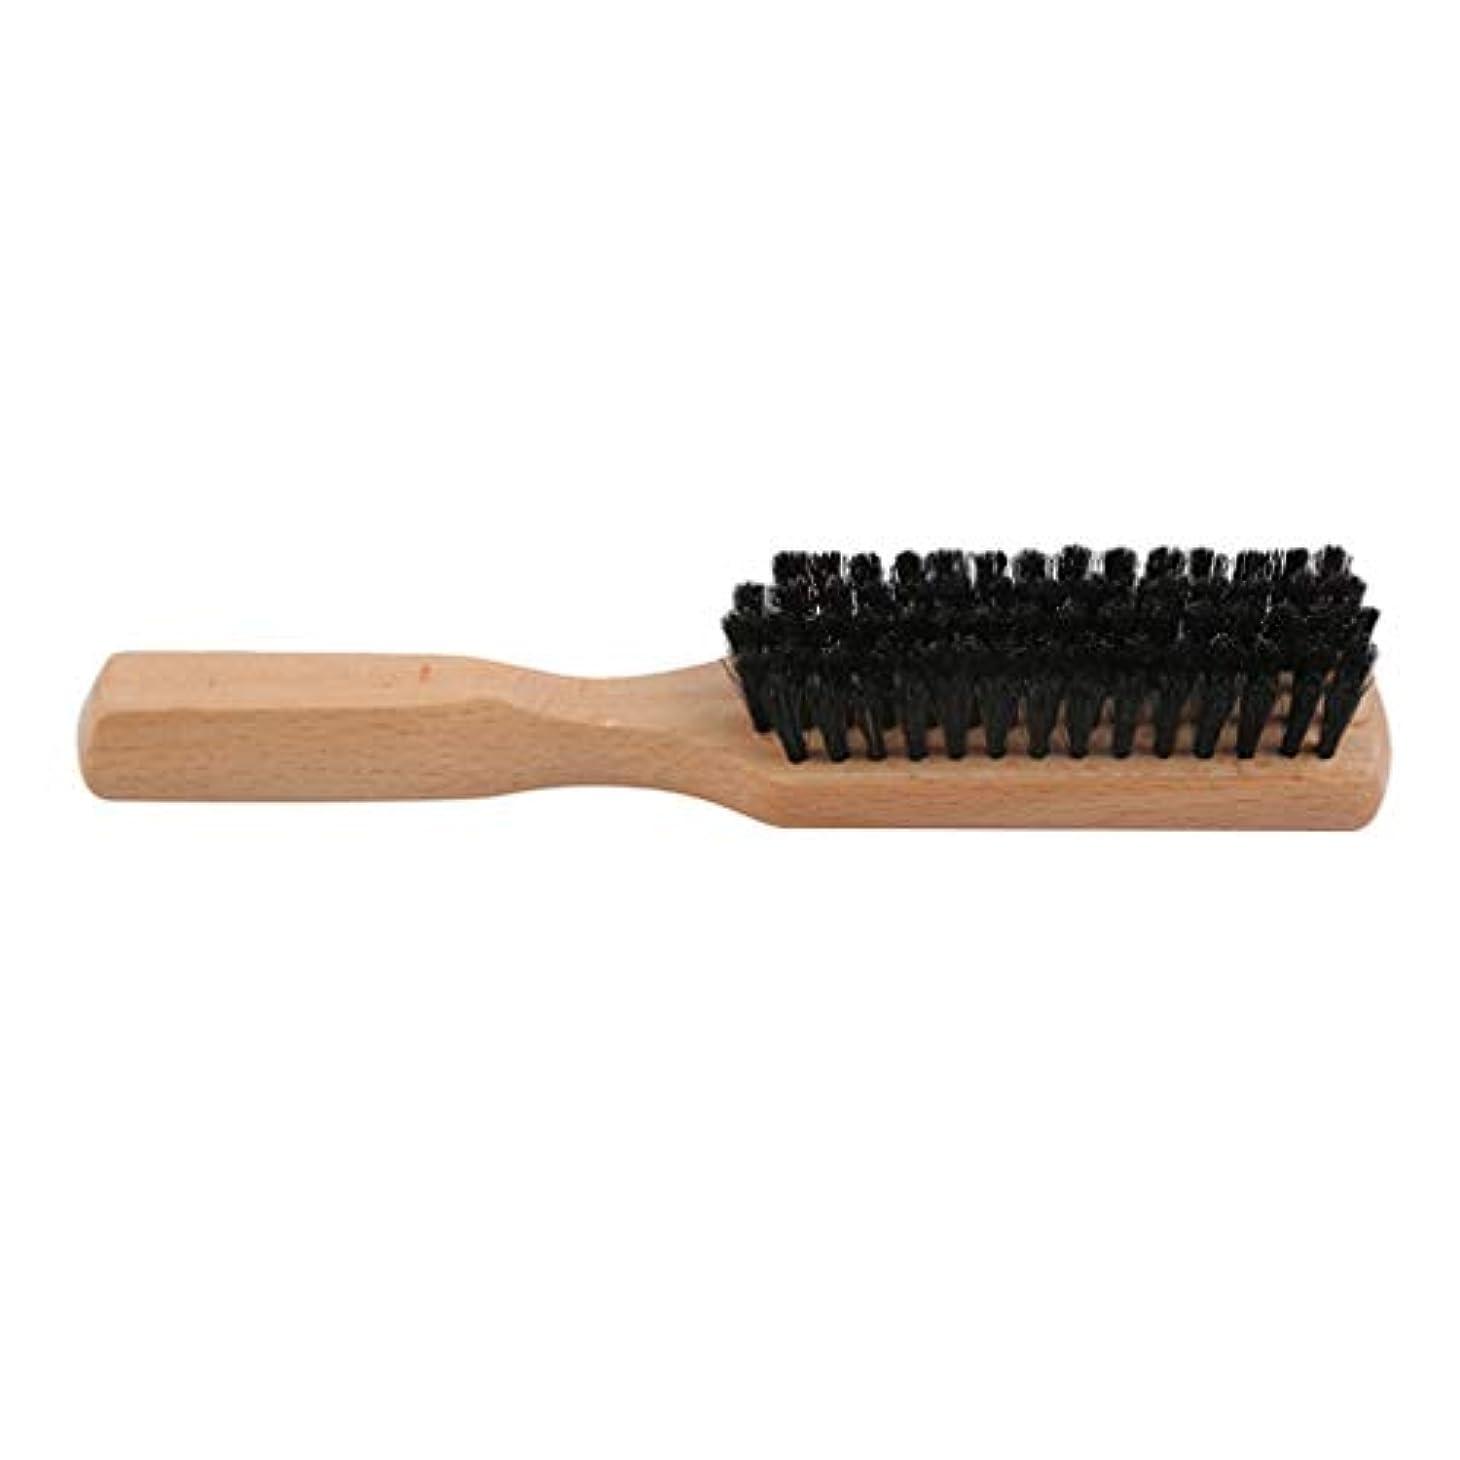 シュガーオーバーコートキャストCngstar シェービング用ブラシ シェービングブラシ メンズ 洗顔 理容 洗顔 髭剃り